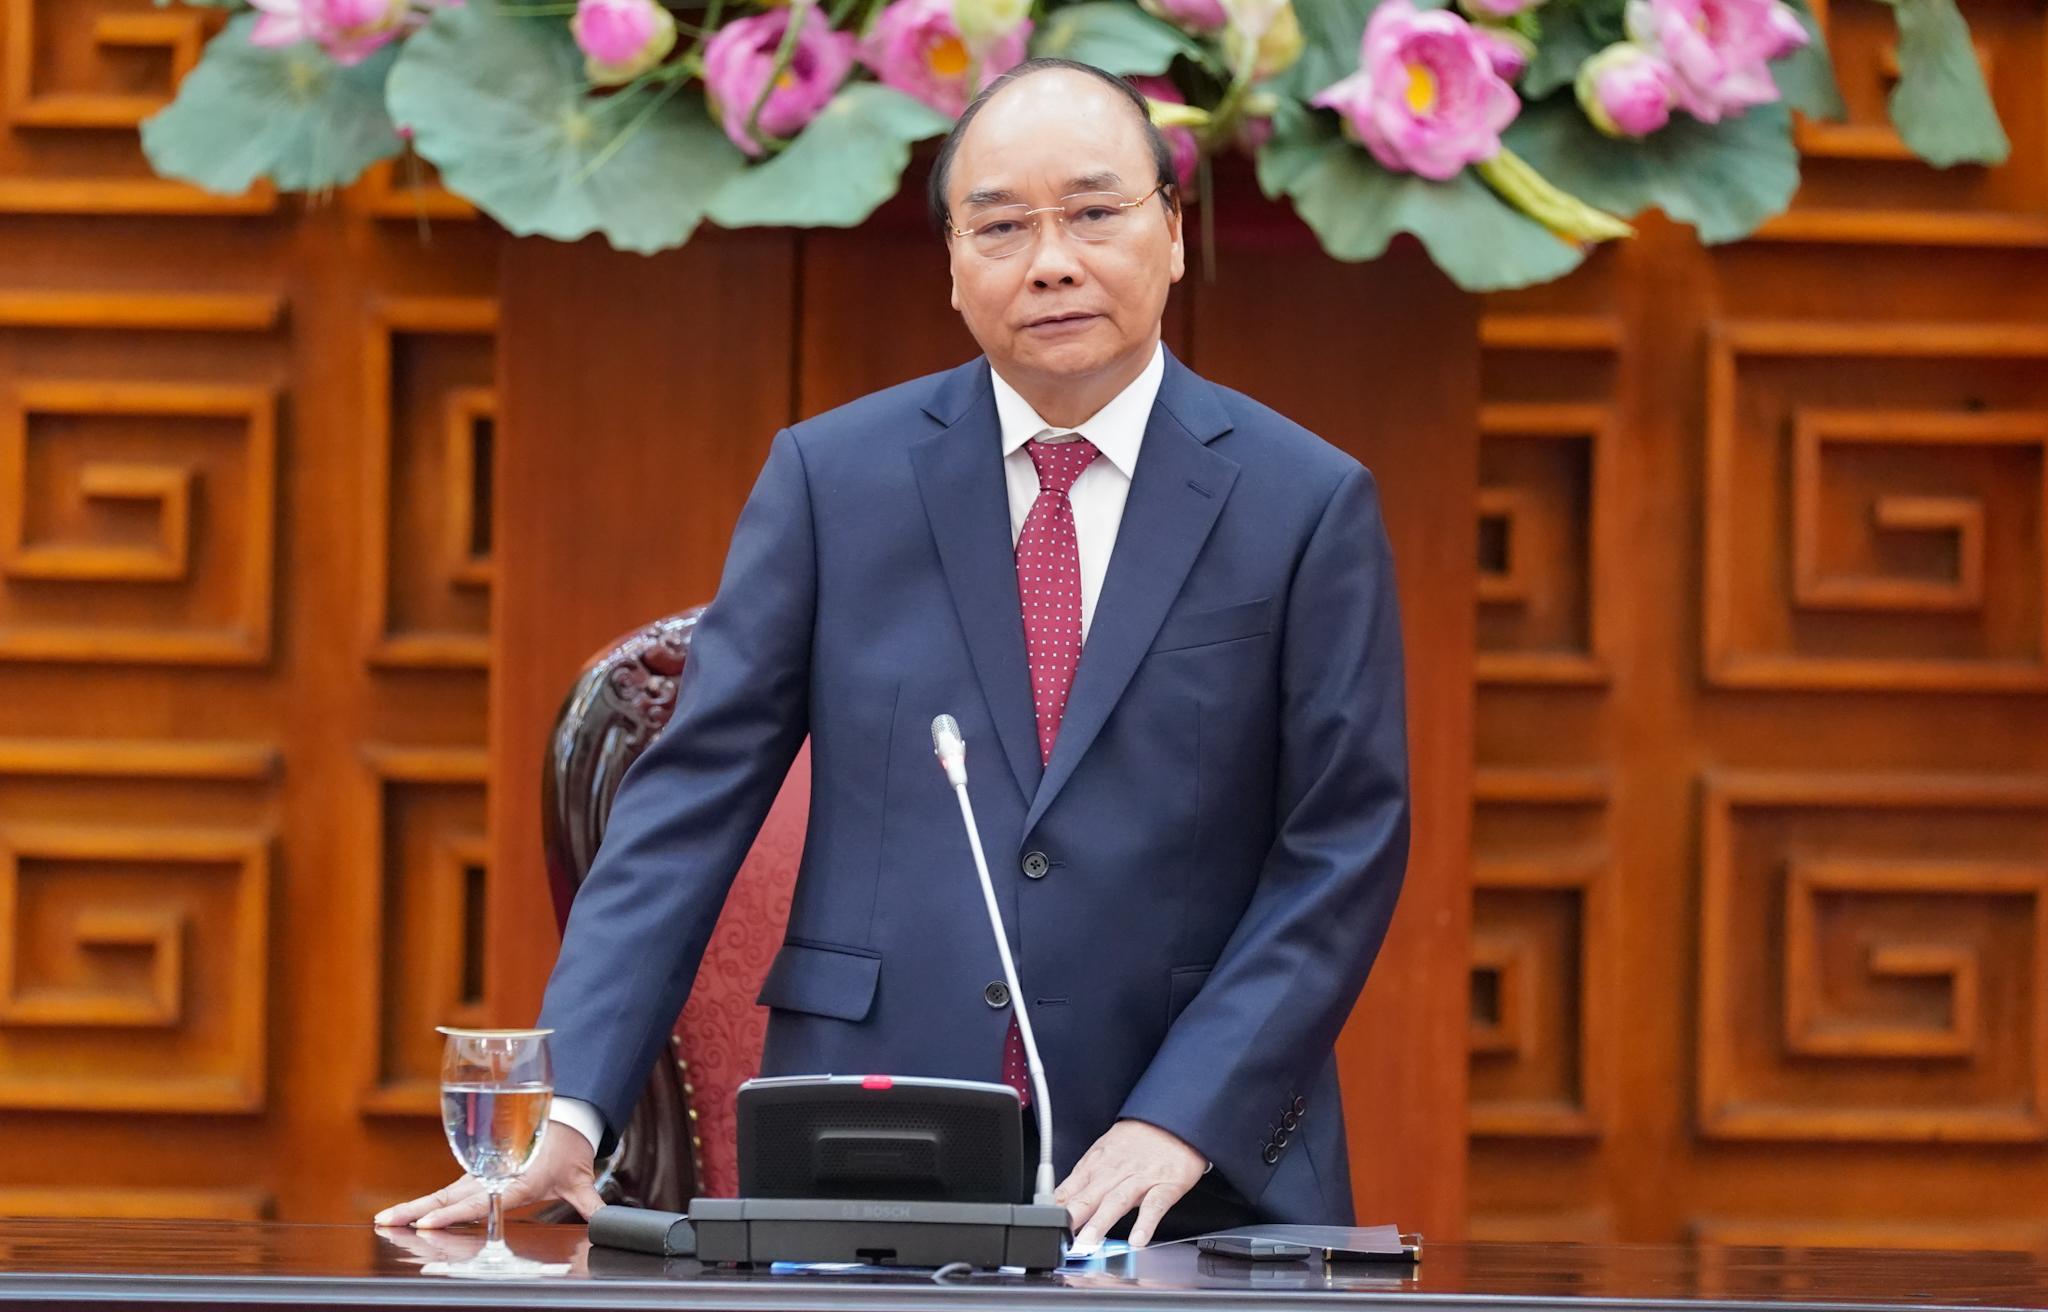 Chính phủ Việt Nam tiếp tục đồng hành cùng doanh nghiệp Hàn Quốc